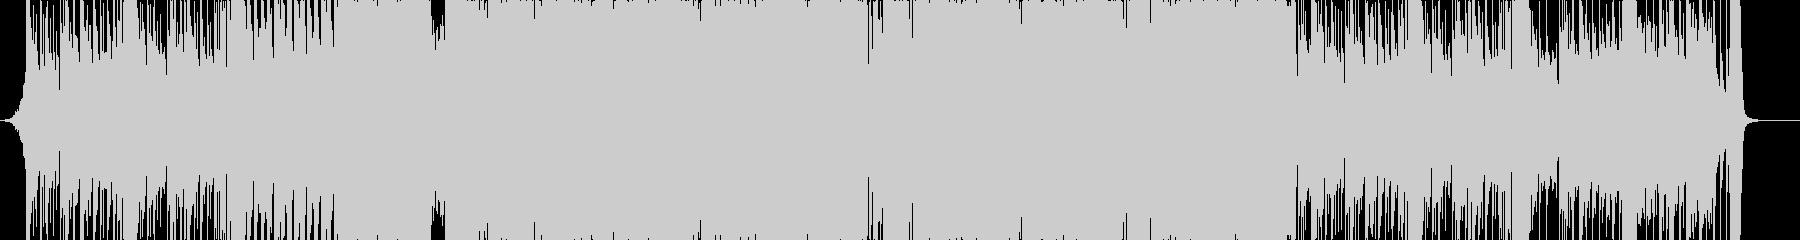 激しめなトラップの未再生の波形